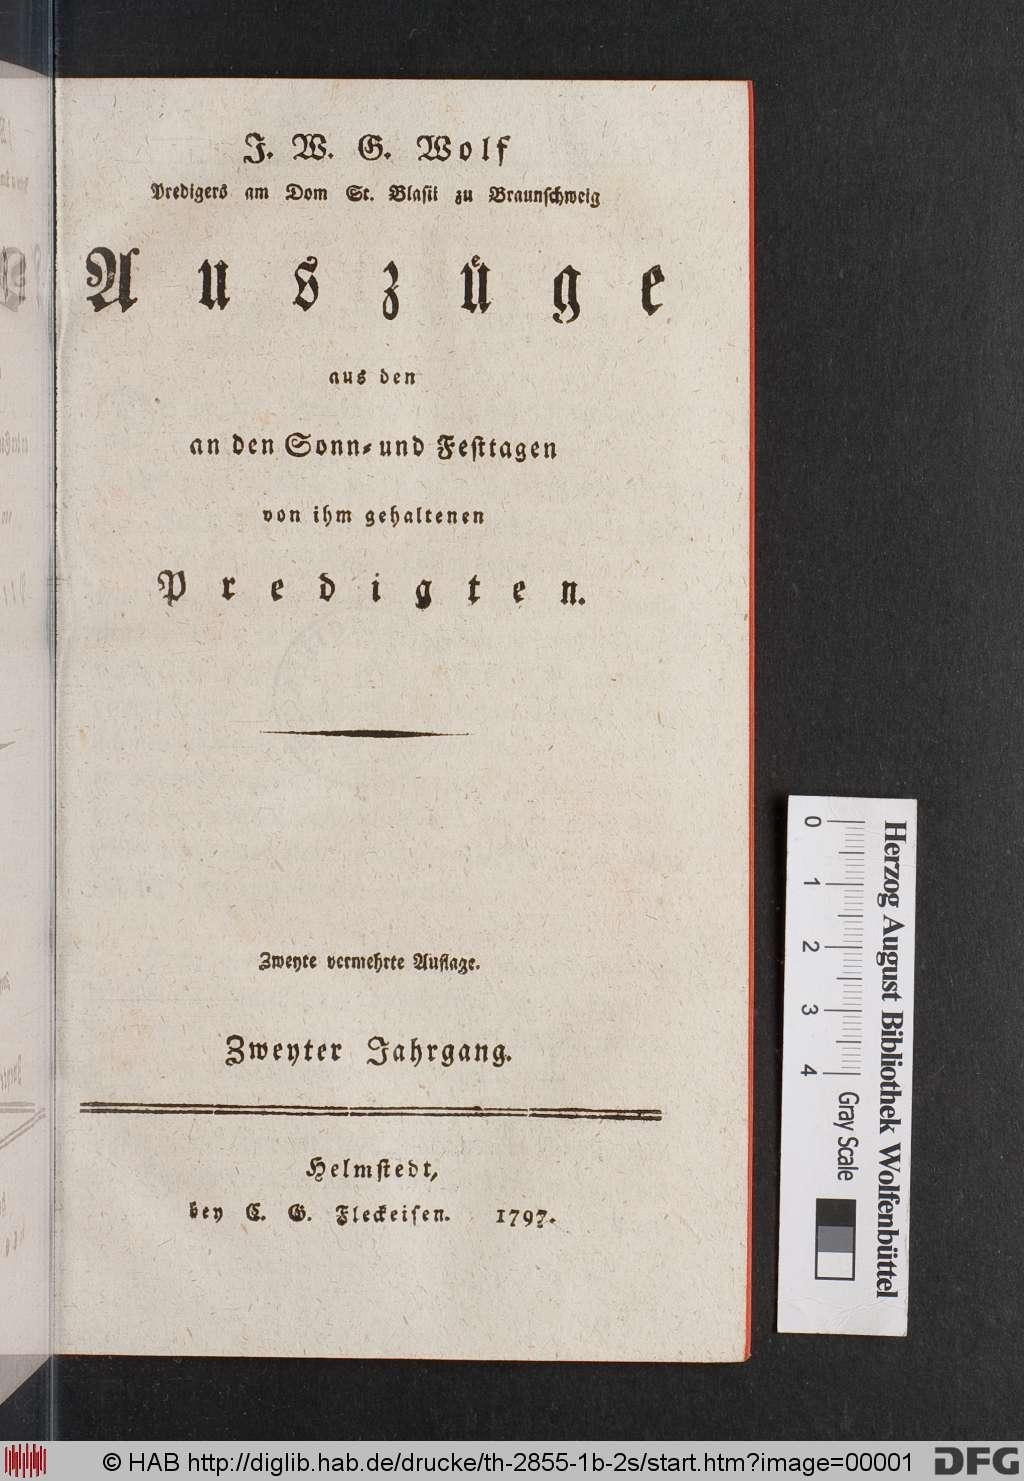 http://diglib.hab.de/drucke/th-2855-1b-2s/00001.jpg